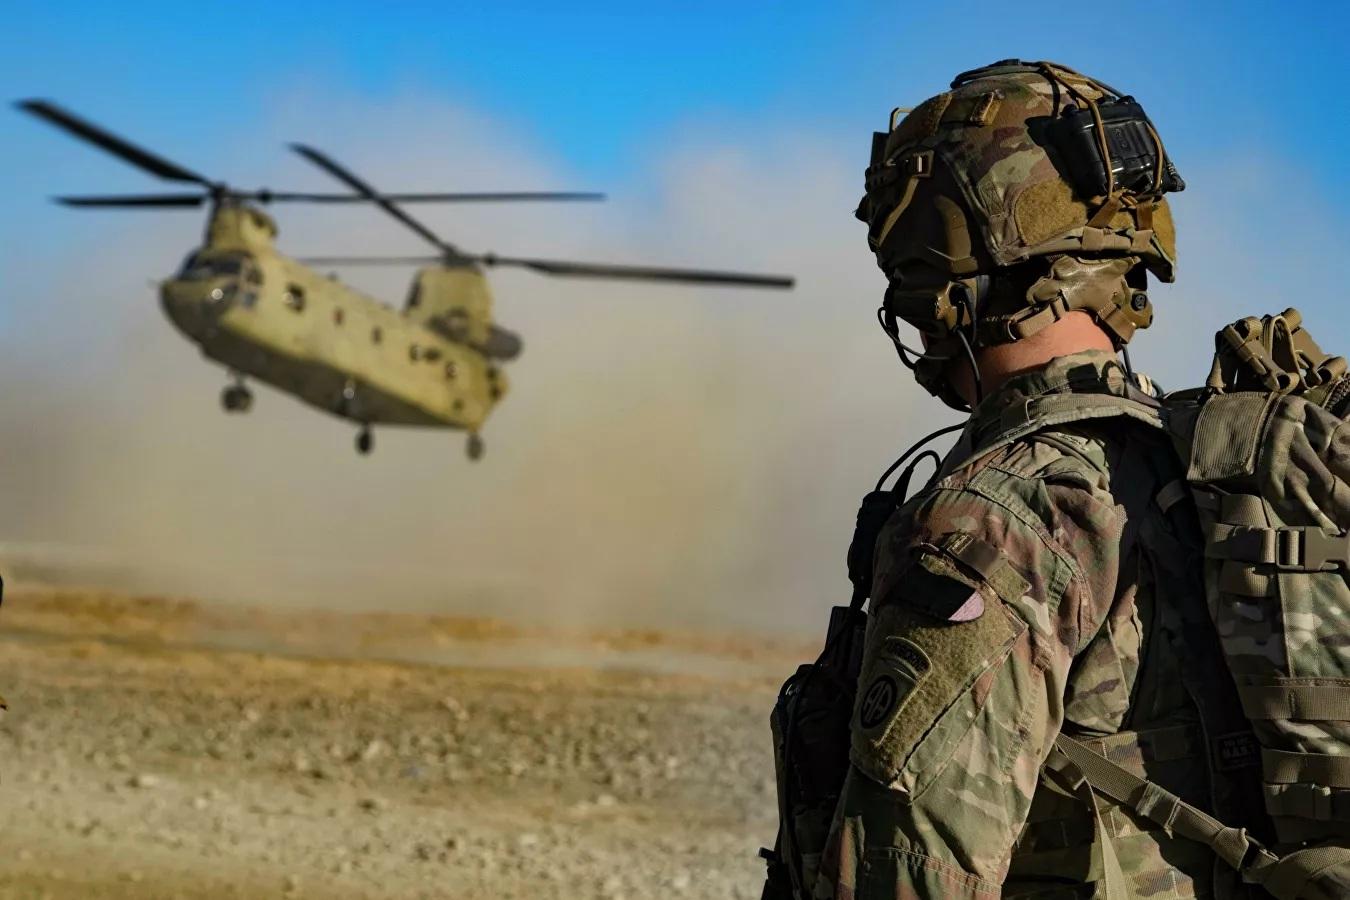 Kỷ nguyên khủng bố vẫn chưa kết thúc sau khi Mỹ rút khỏi Afghanistan